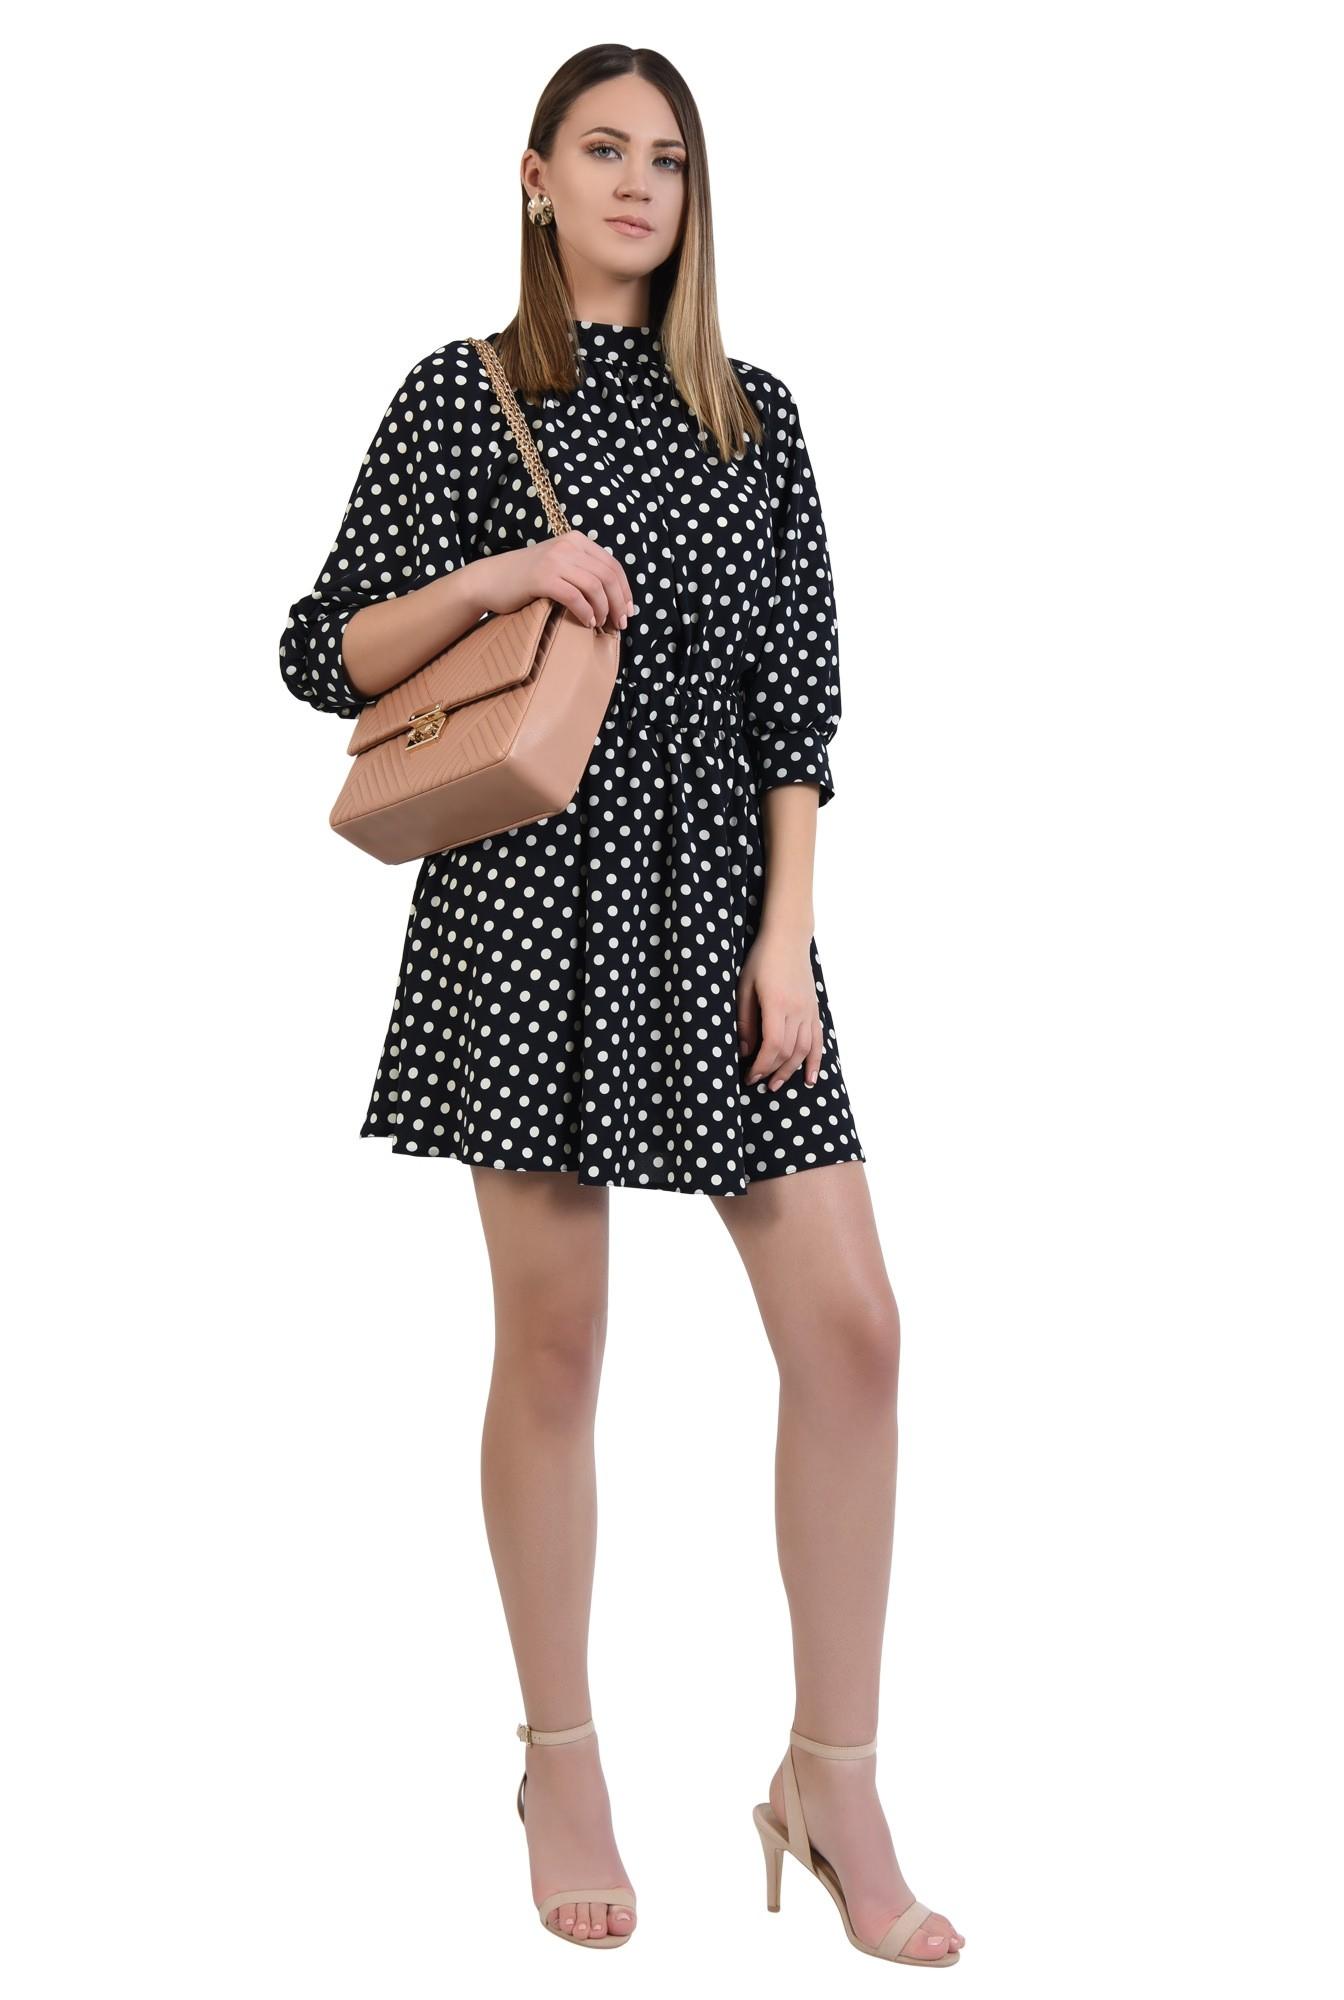 0 - rochie cu imprimeu, casual, mini, buline albe, drapata la guler